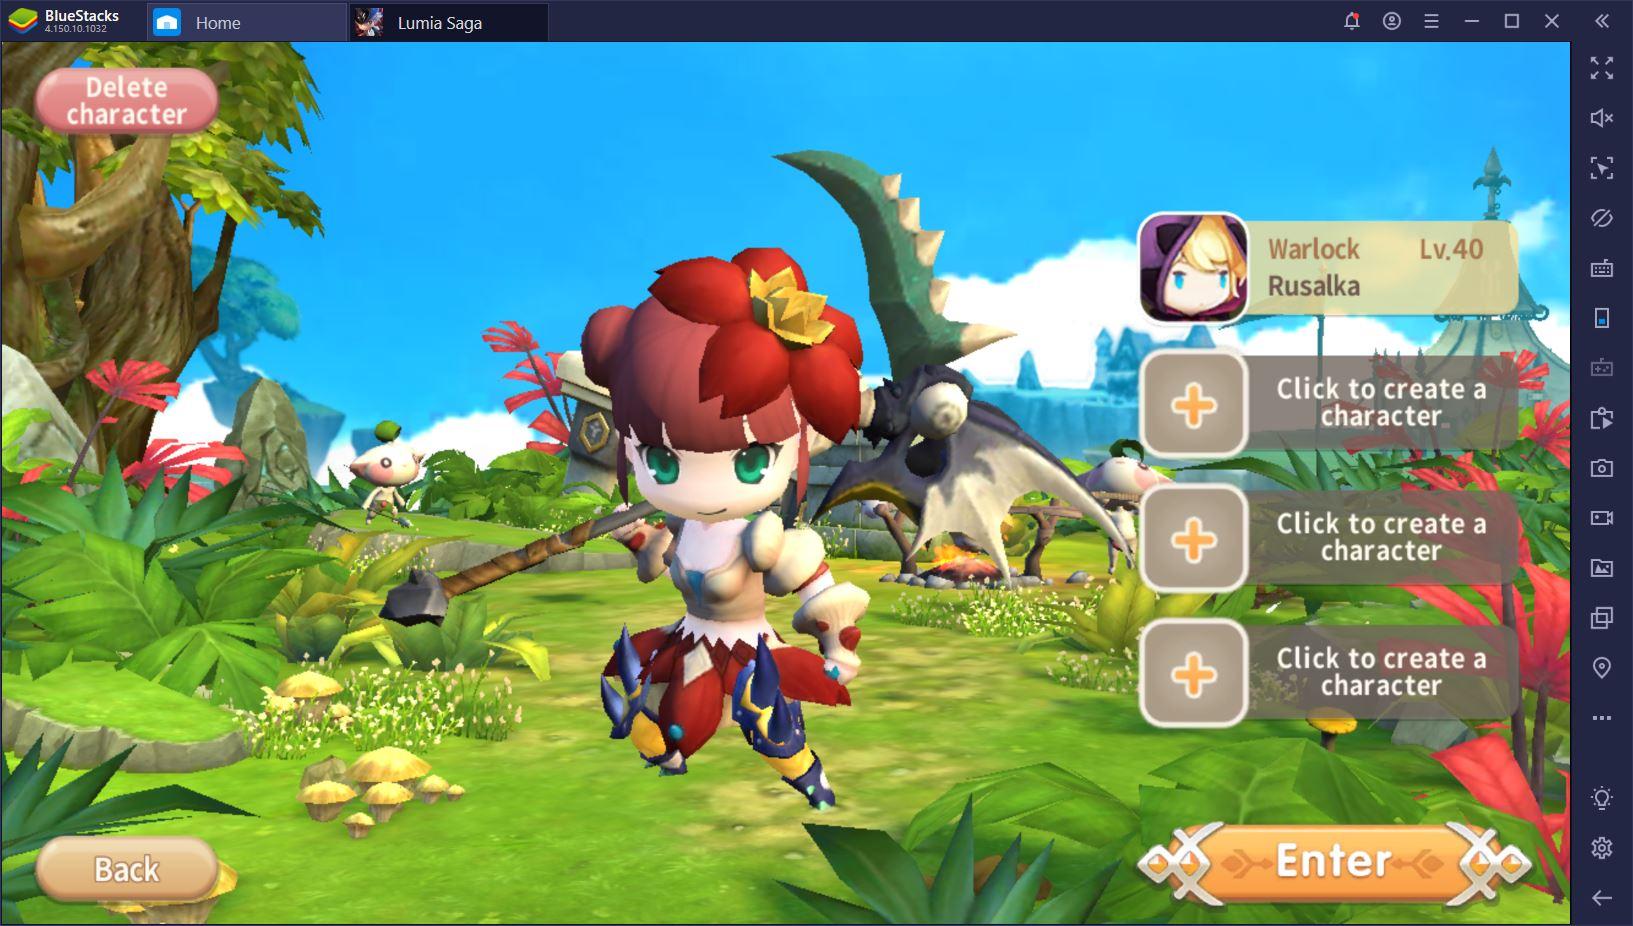 Lumia Saga sur PC : les trucs et astuces les plus utiles pour les débutants